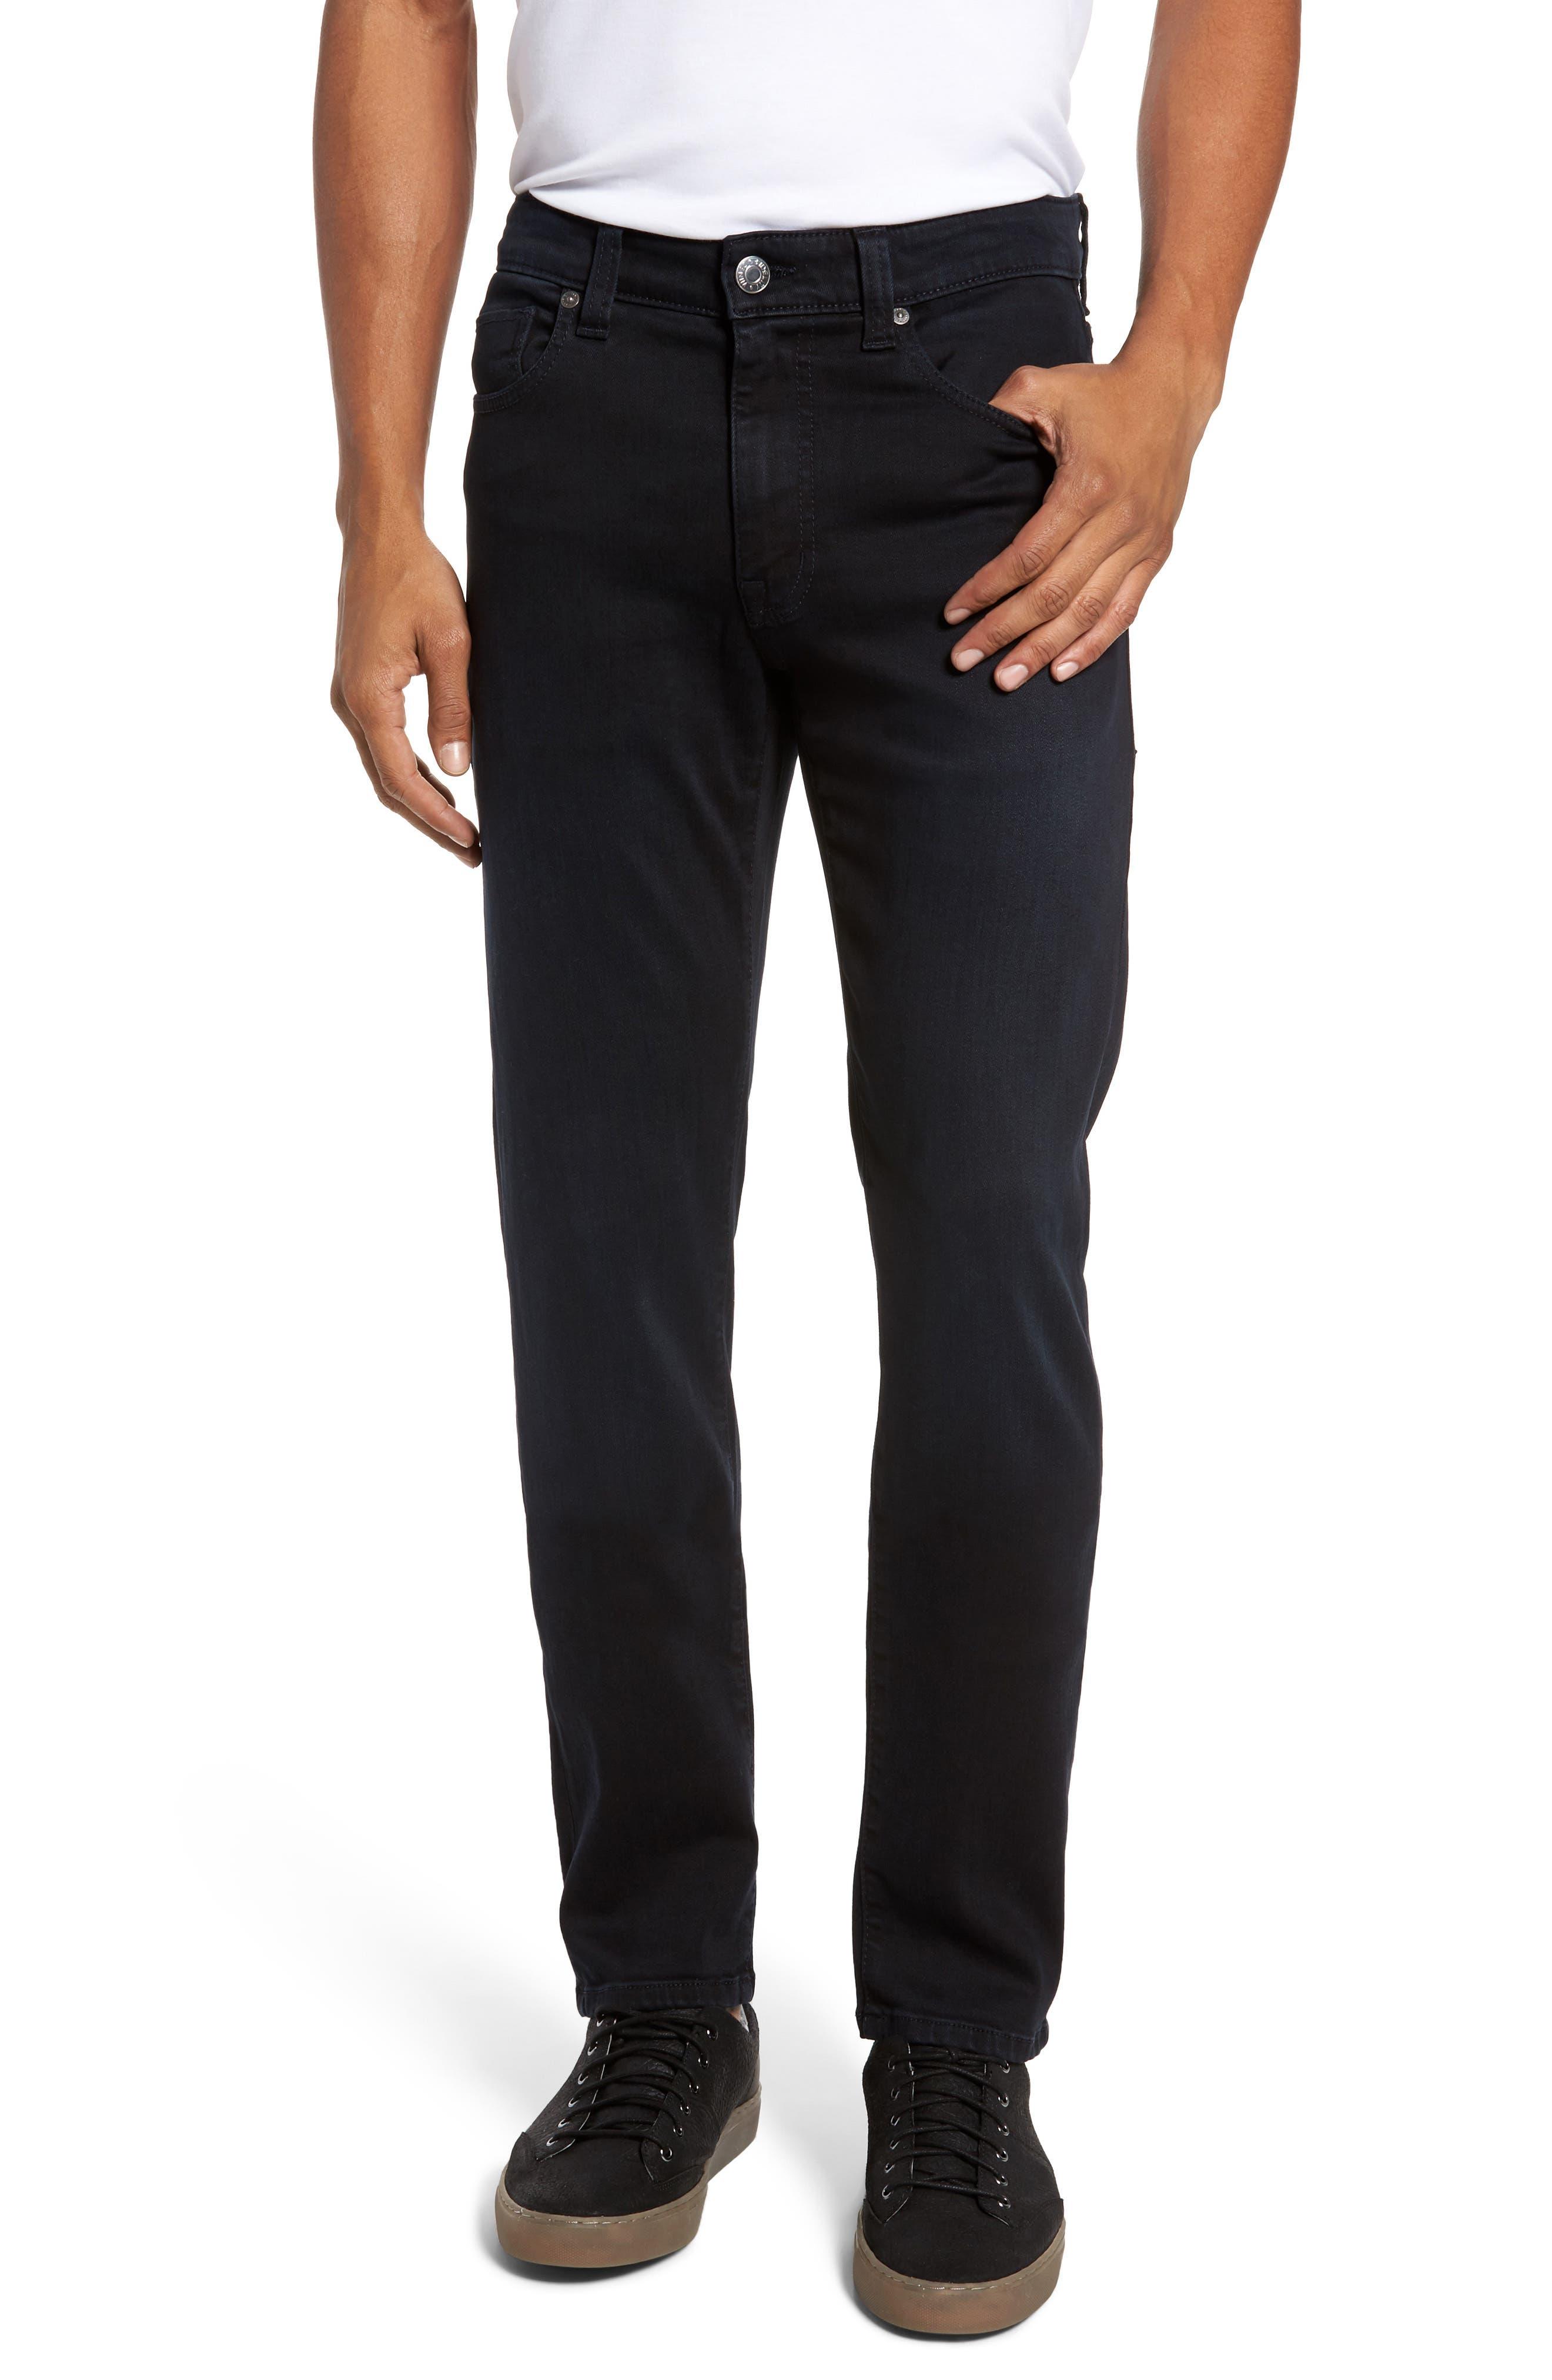 Torino Slim Fit Jeans,                         Main,                         color, Saffire Blue